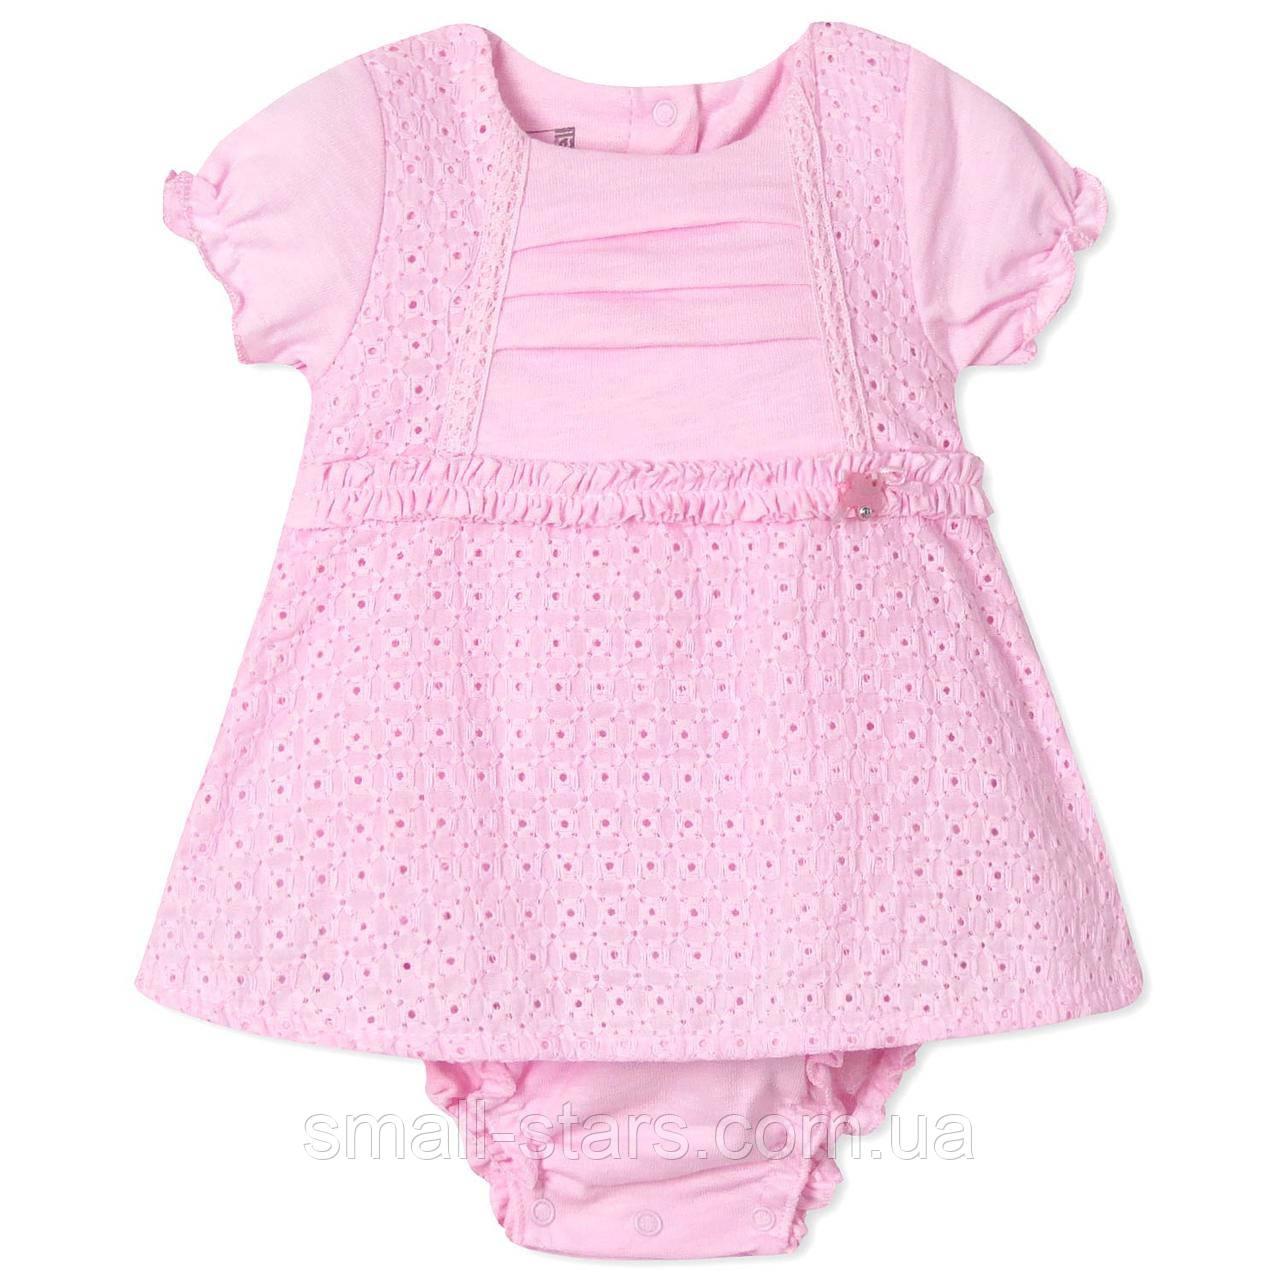 7ca2c2f1c256e Боди-Платье для девочки Caramell - Интернет-магазин товаров для детей